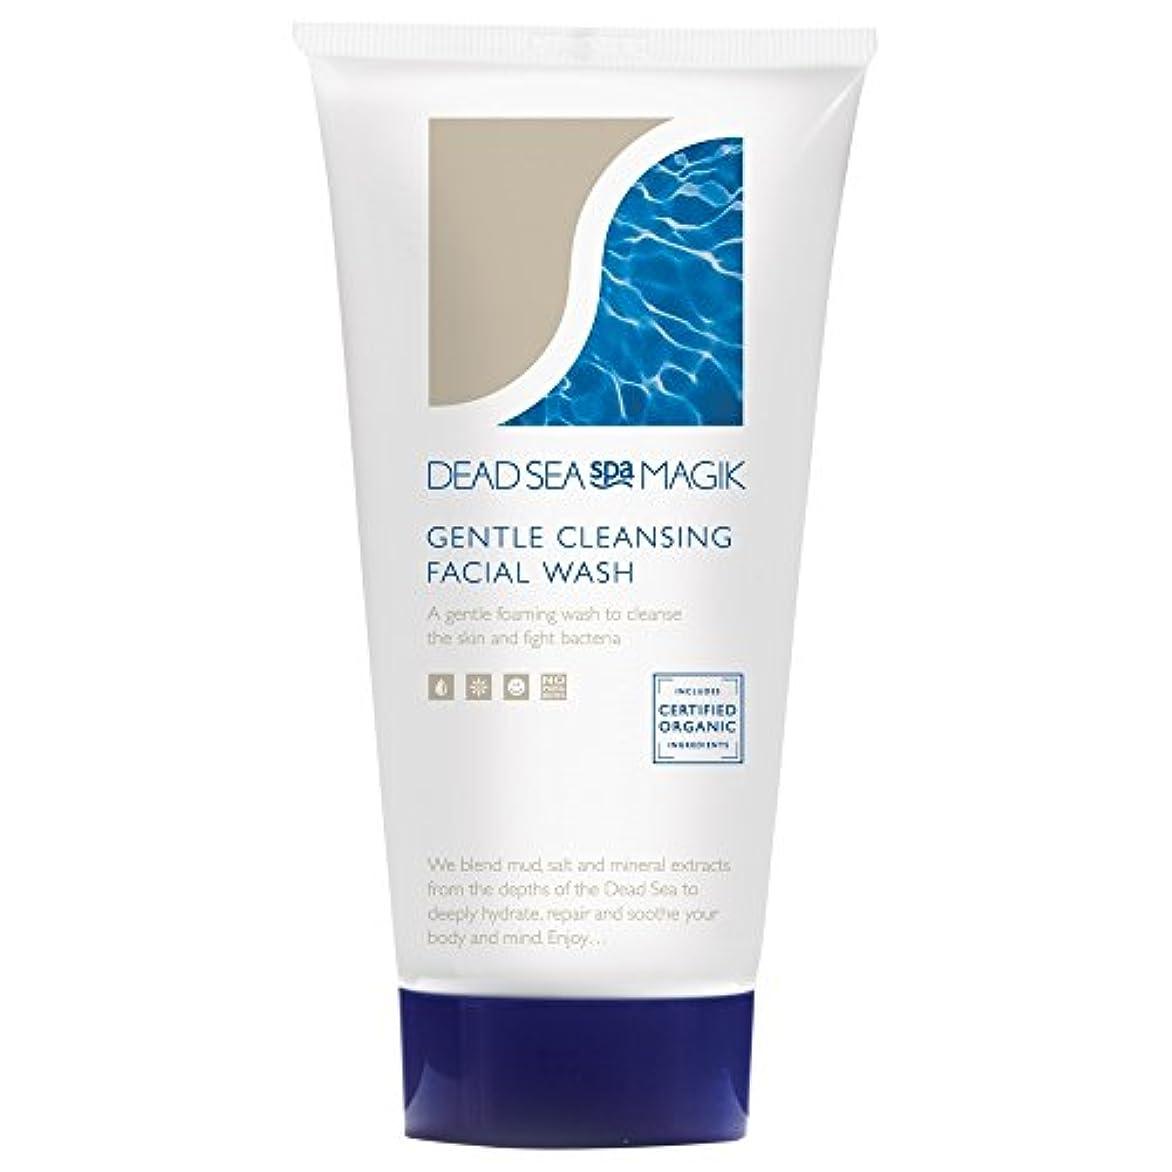 さらに誠実さ電圧死海のスパマジック洗顔料、150ミリリットル (Dead Sea Spa Magik) (x2) - Dead Sea Spa Magik Facial Wash, 150ml (Pack of 2) [並行輸入品]